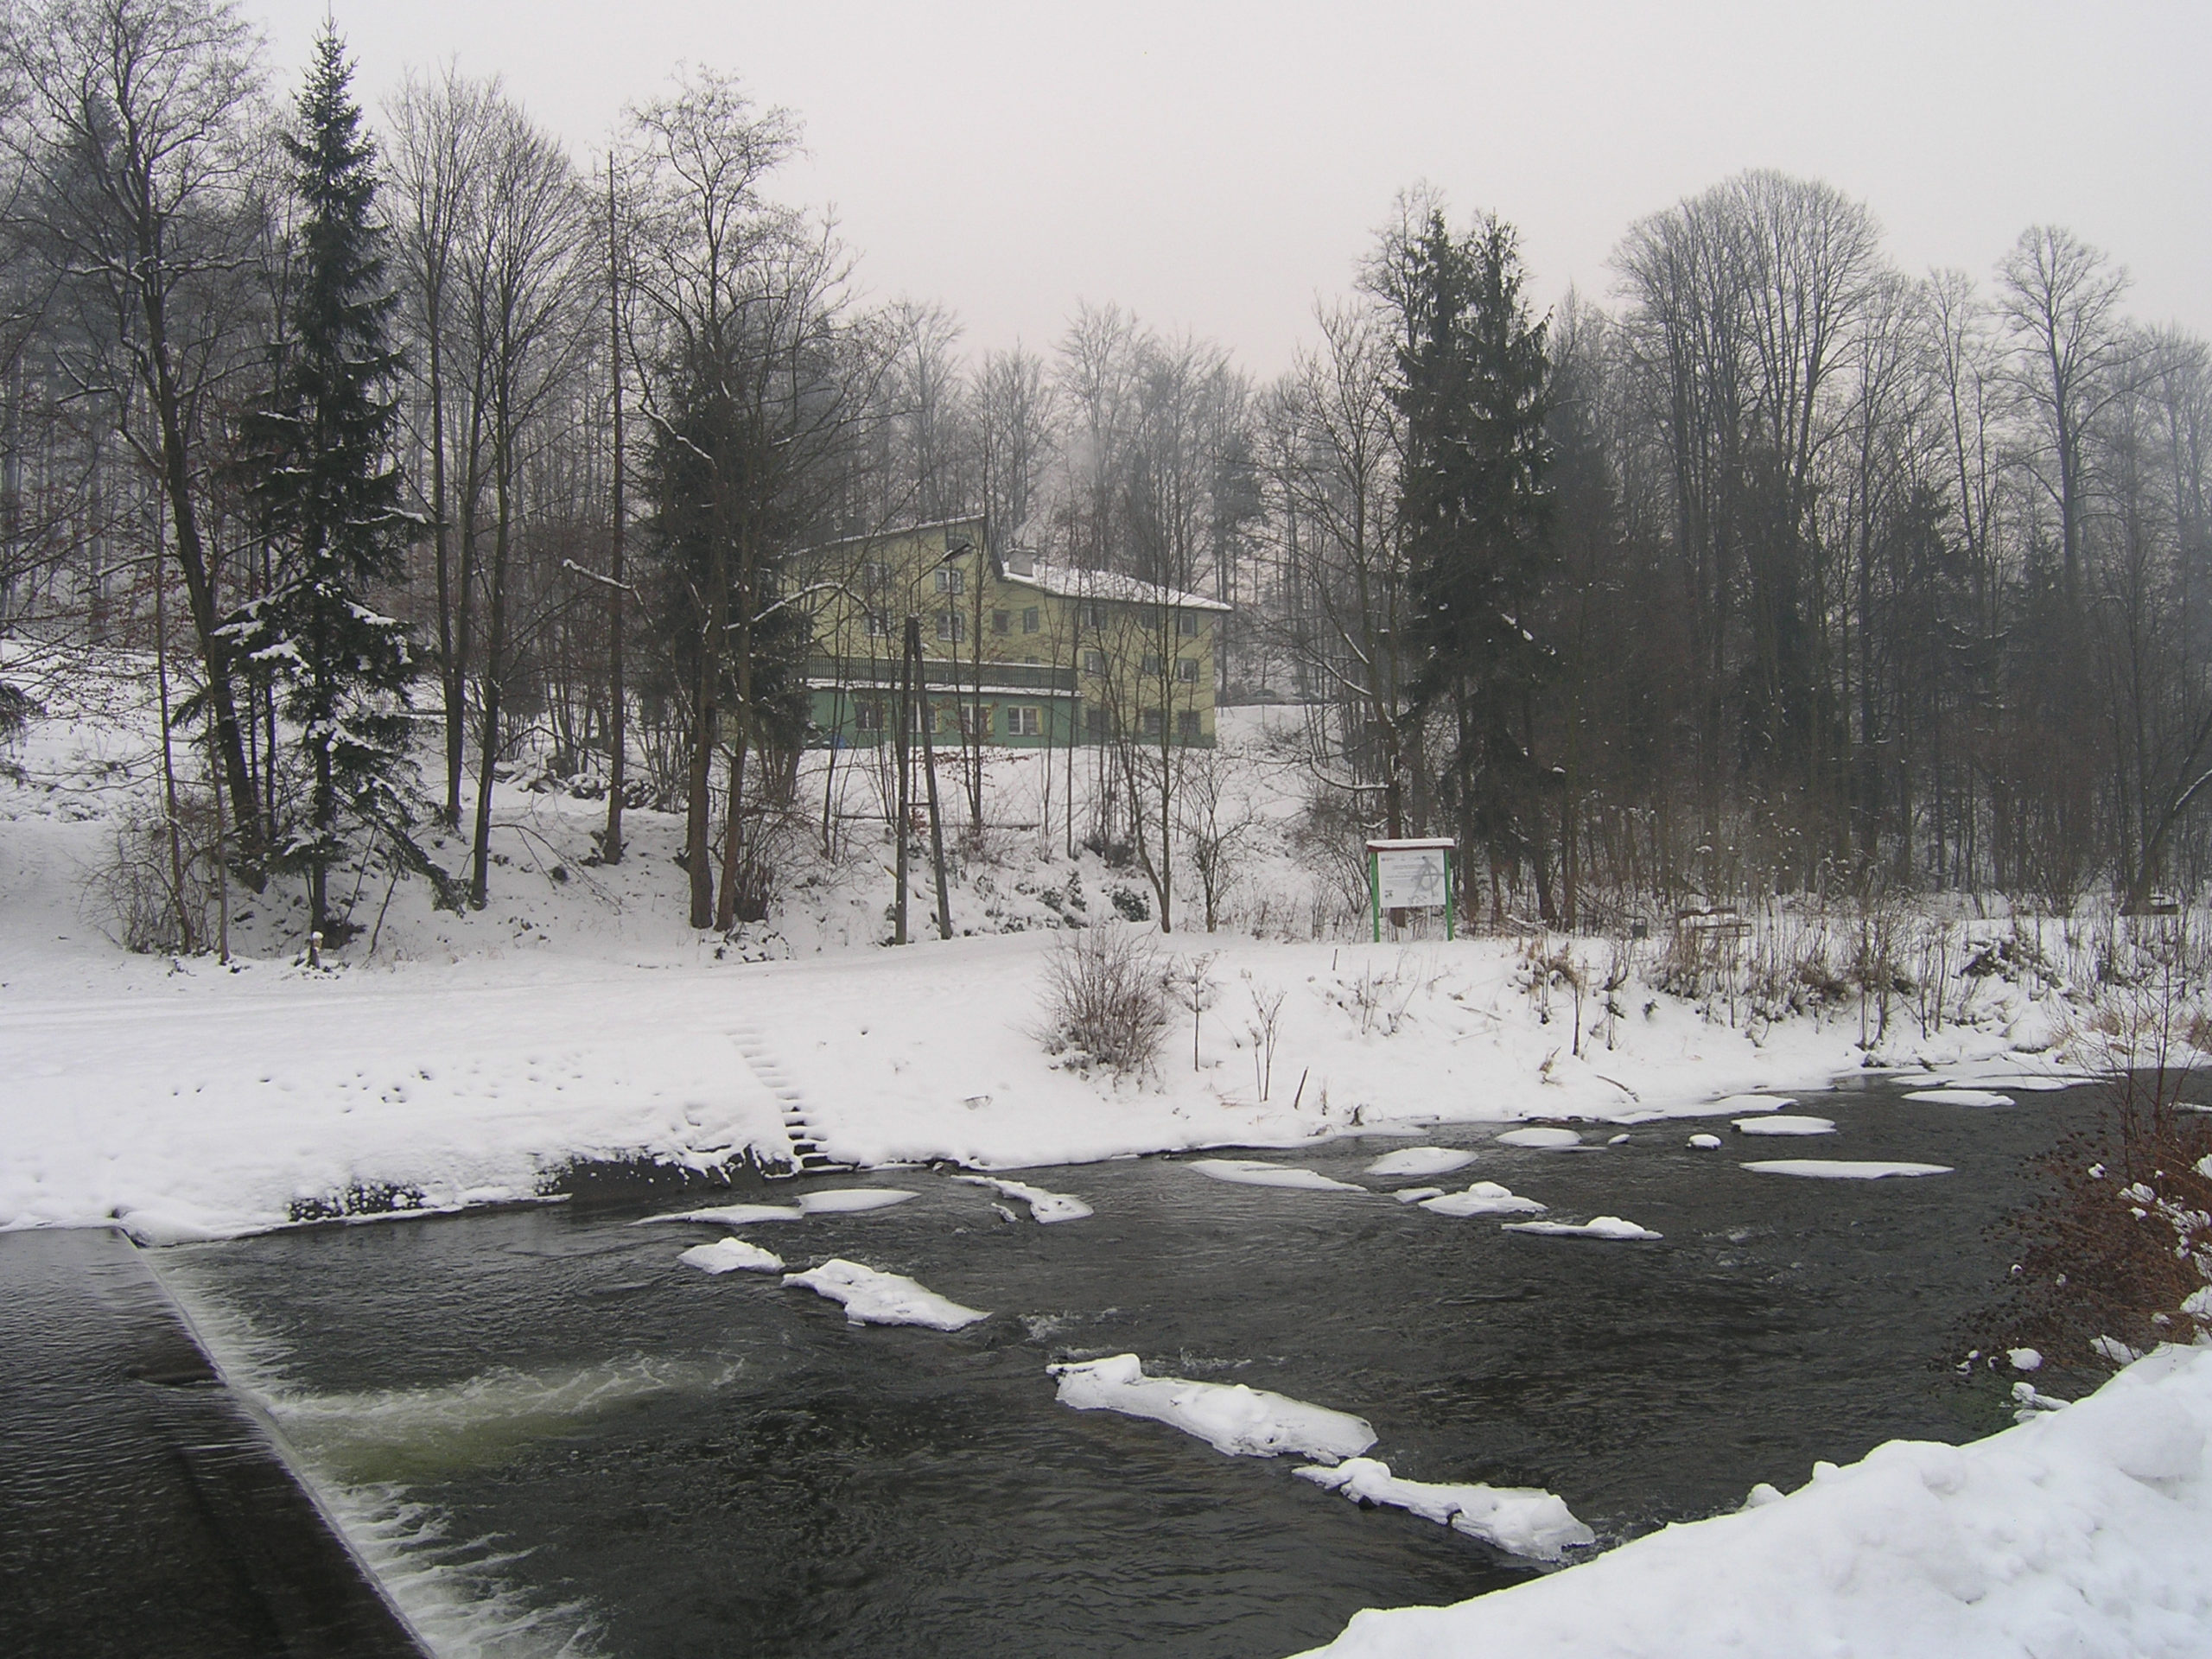 wisła widok na rzekę i budynek zima